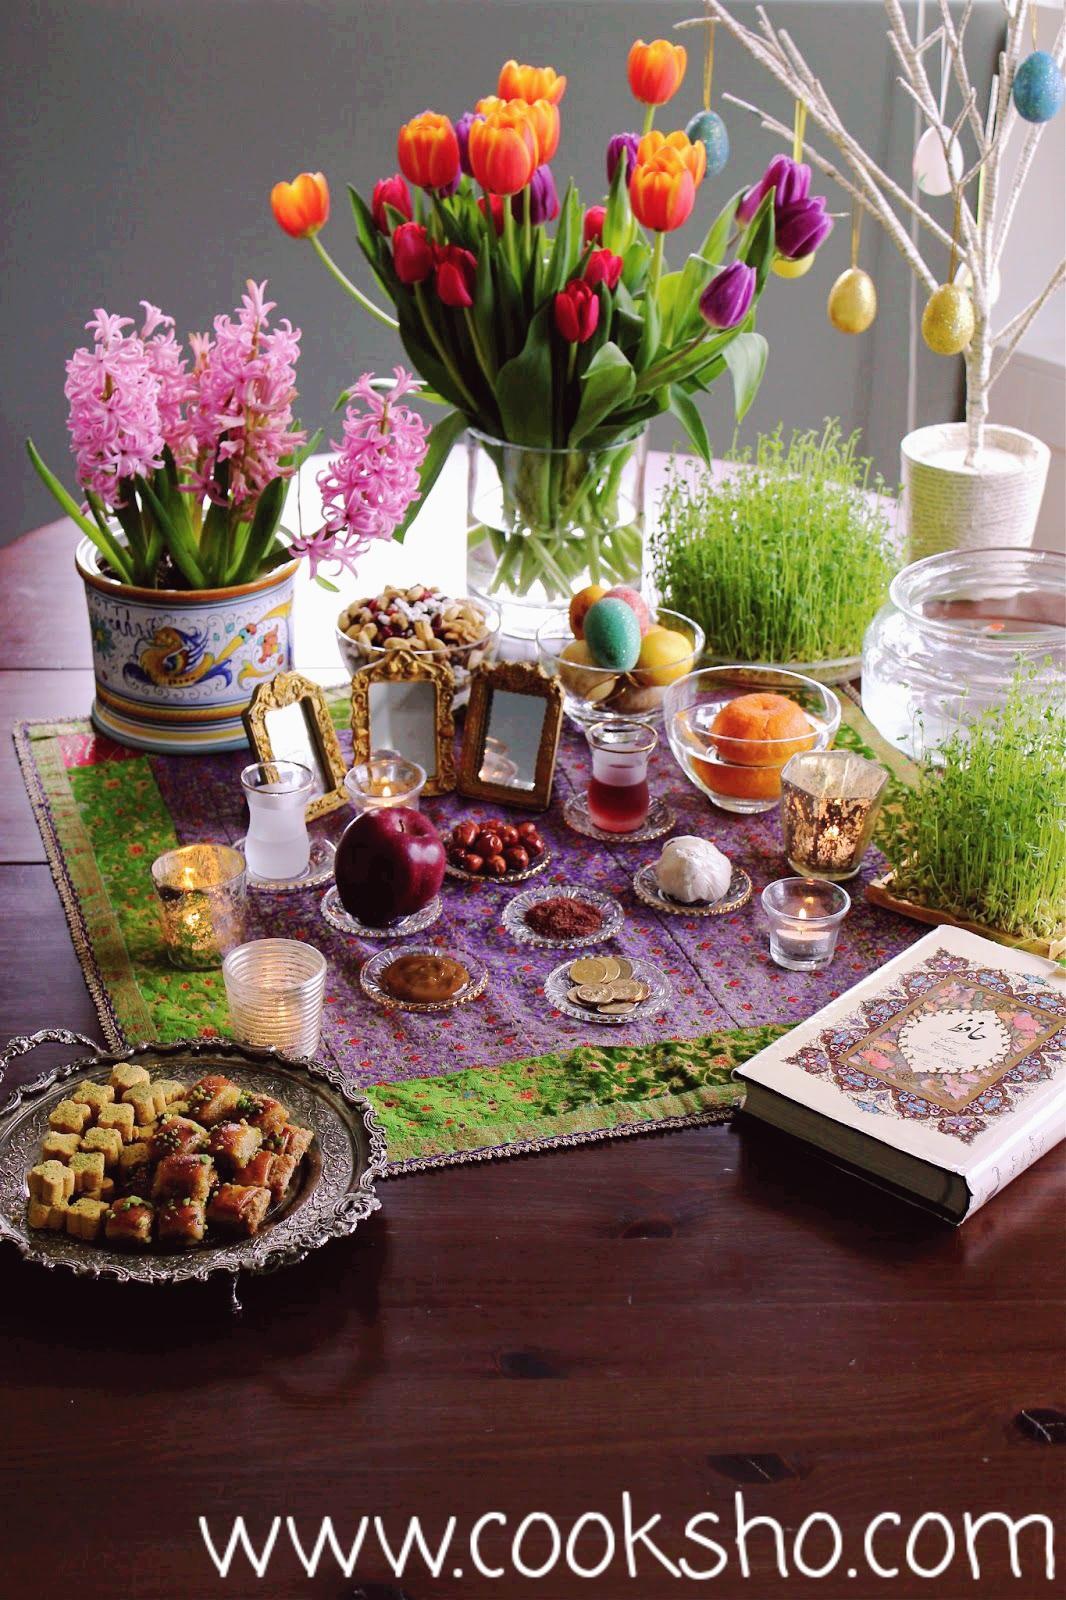 دستور تهیه انواع شیرینی عید برای سفره هفت سین